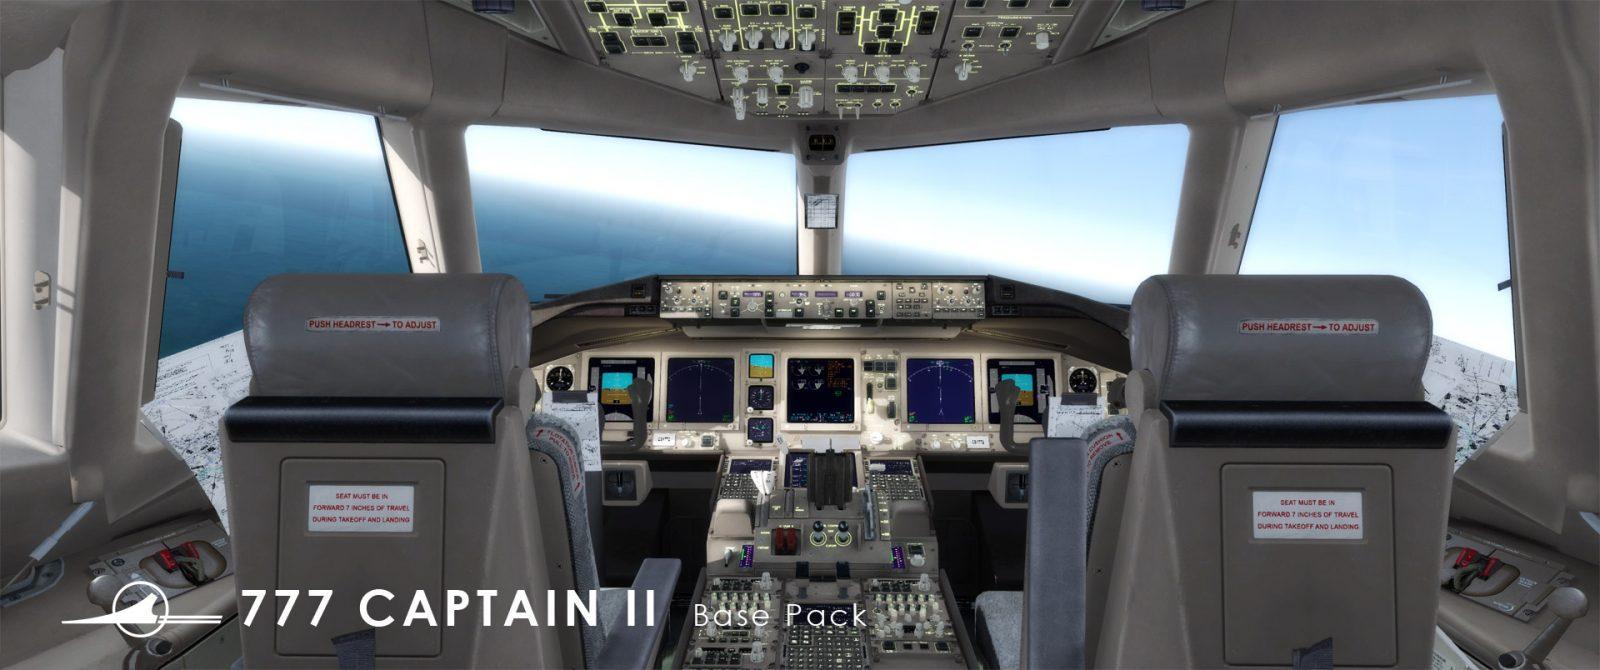 captain-sim-777-p3dv4-12-1600x670.jpg